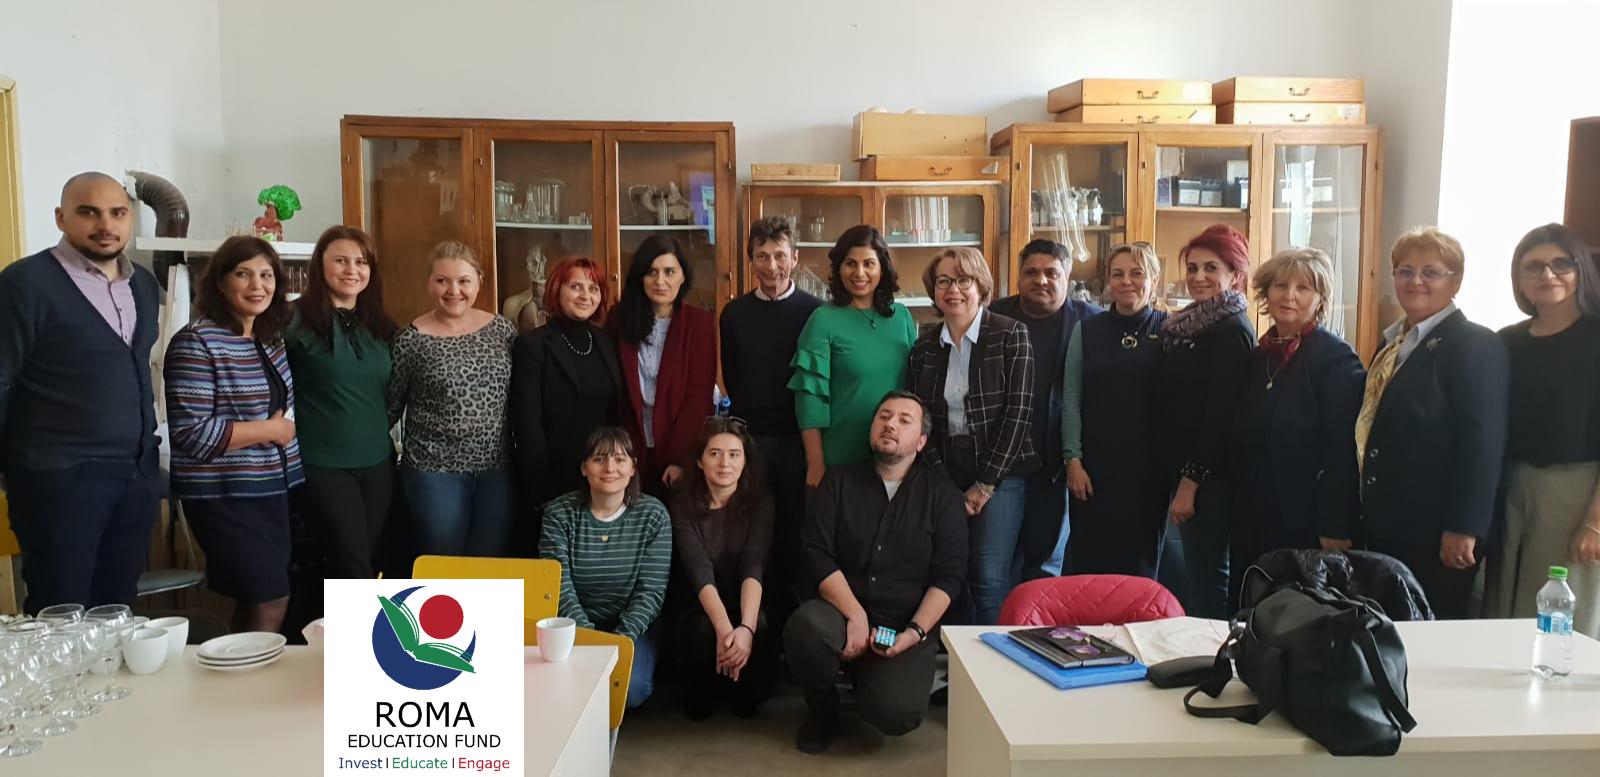 Peste 6.600.000 de lei din fonduri europene investiți în programe de formare în proiectul REF România